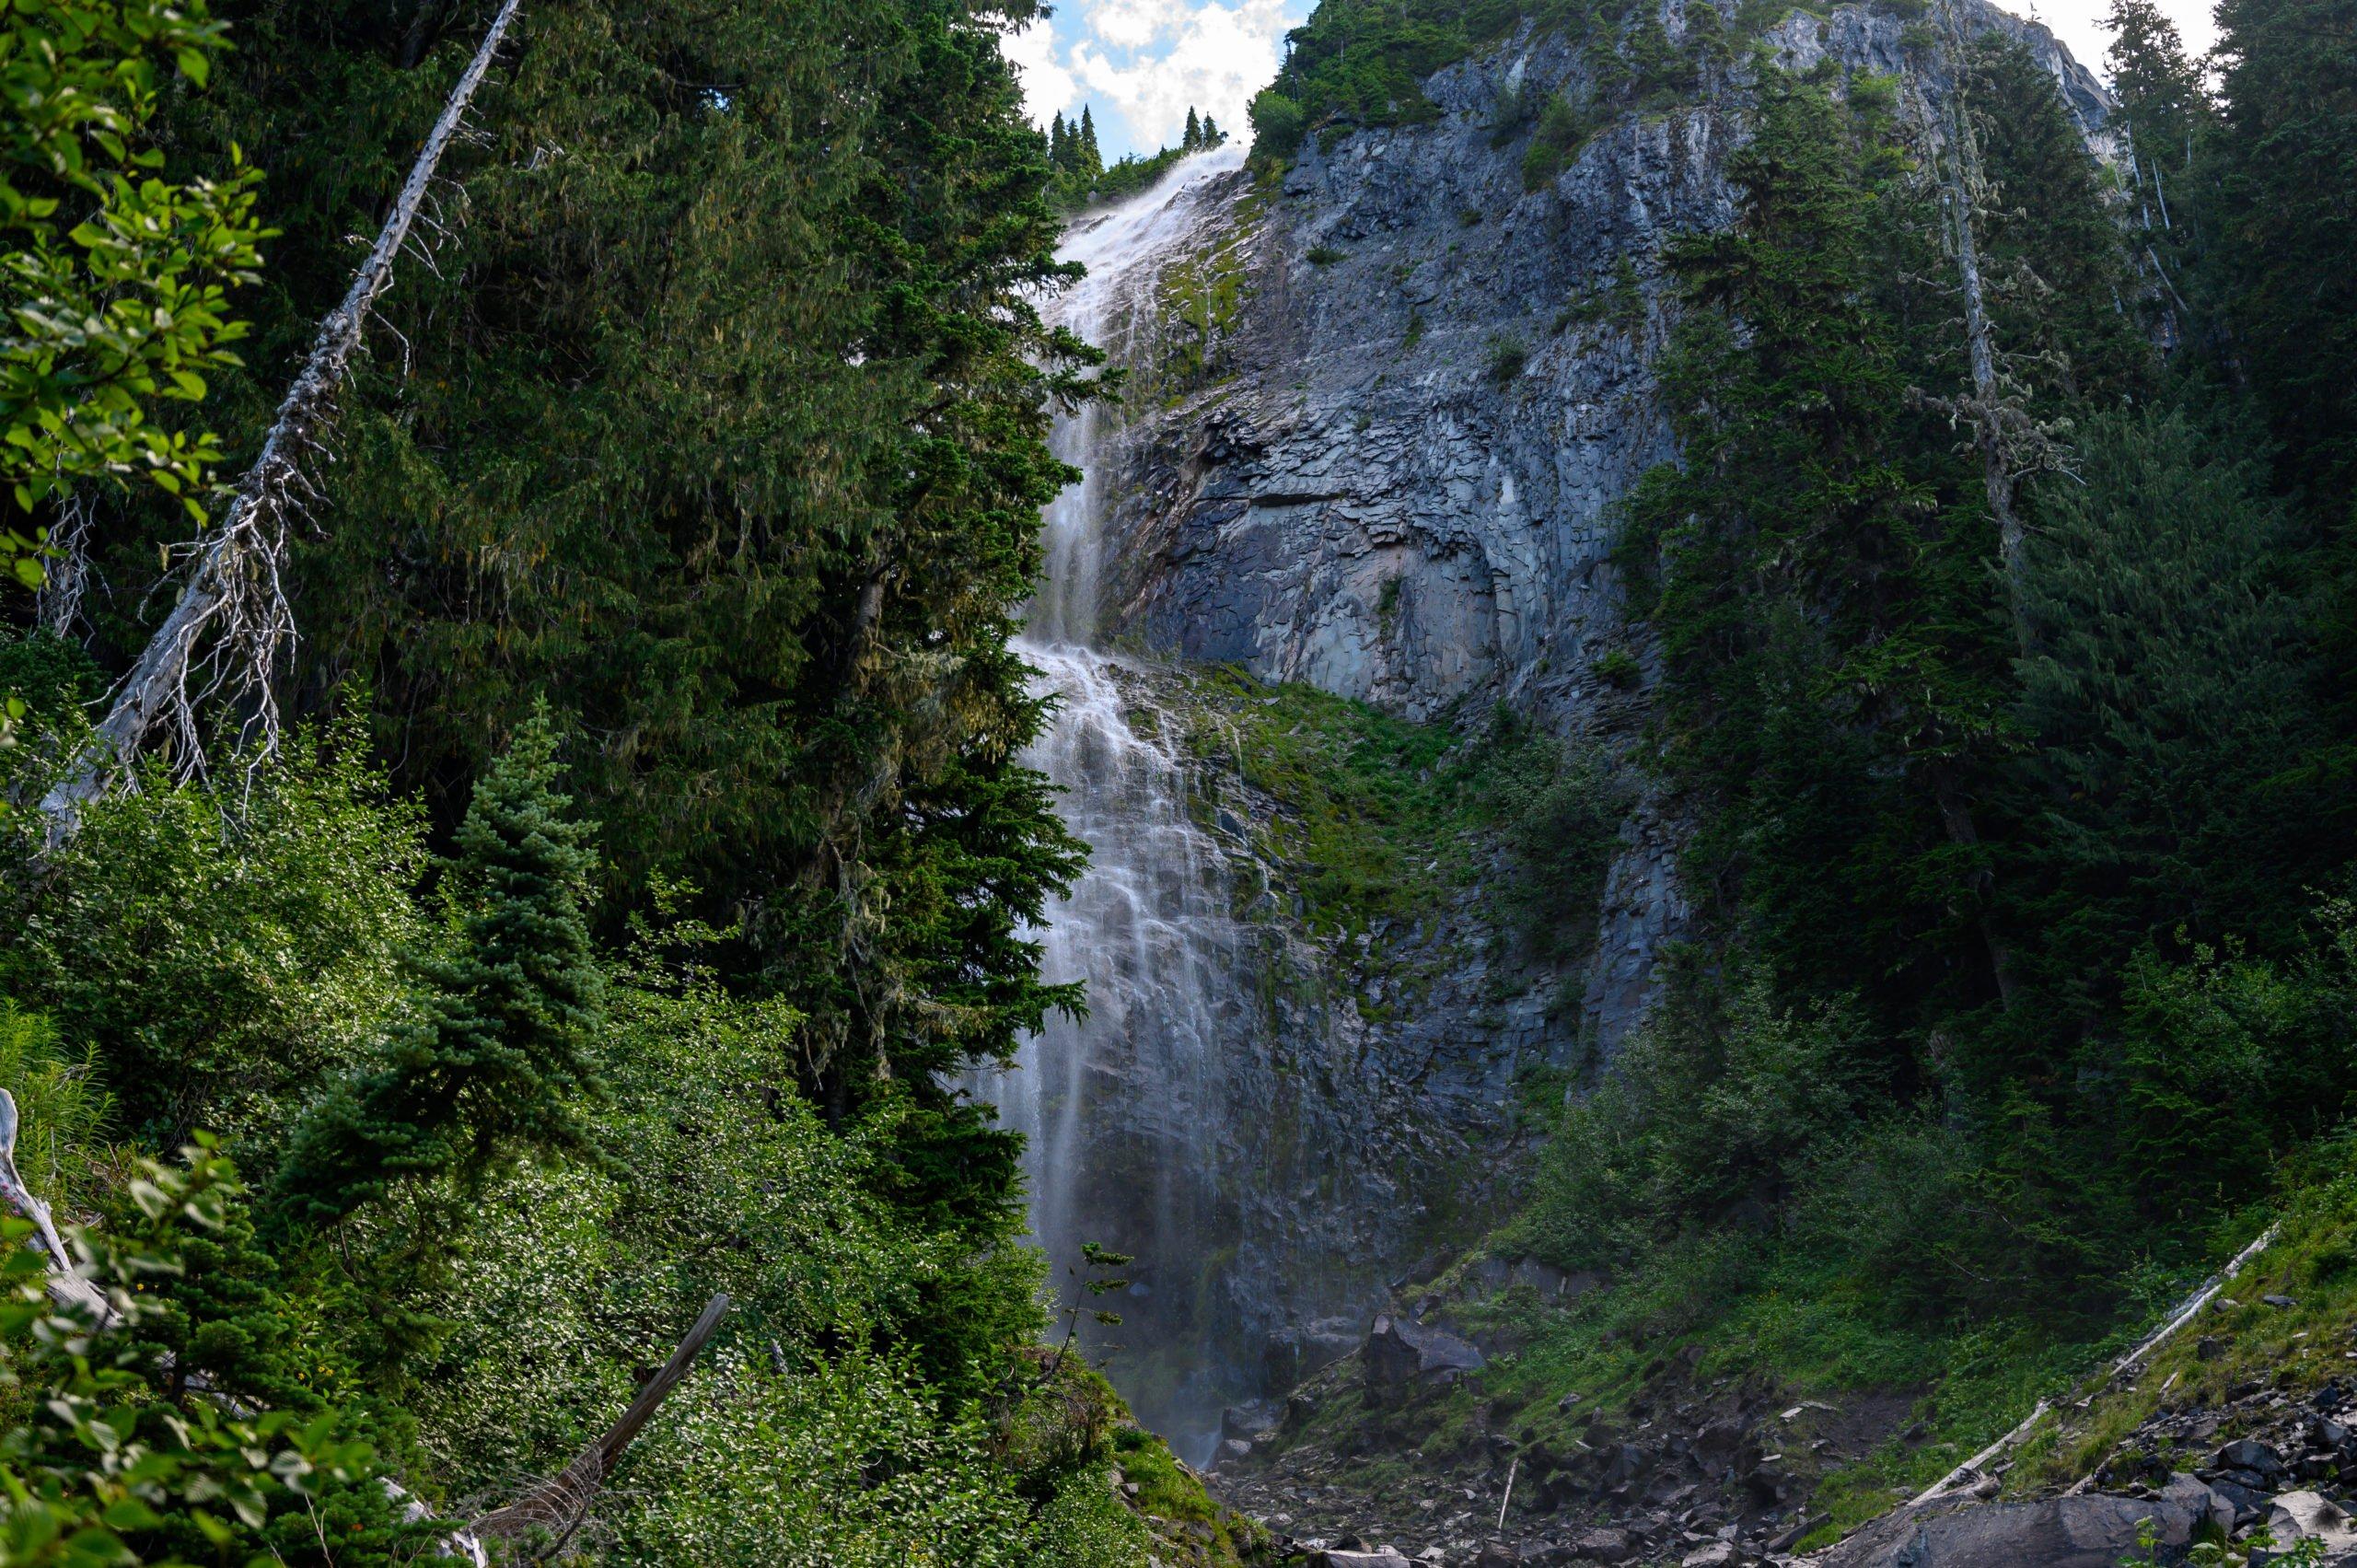 Spray Falls at Mt Rainier